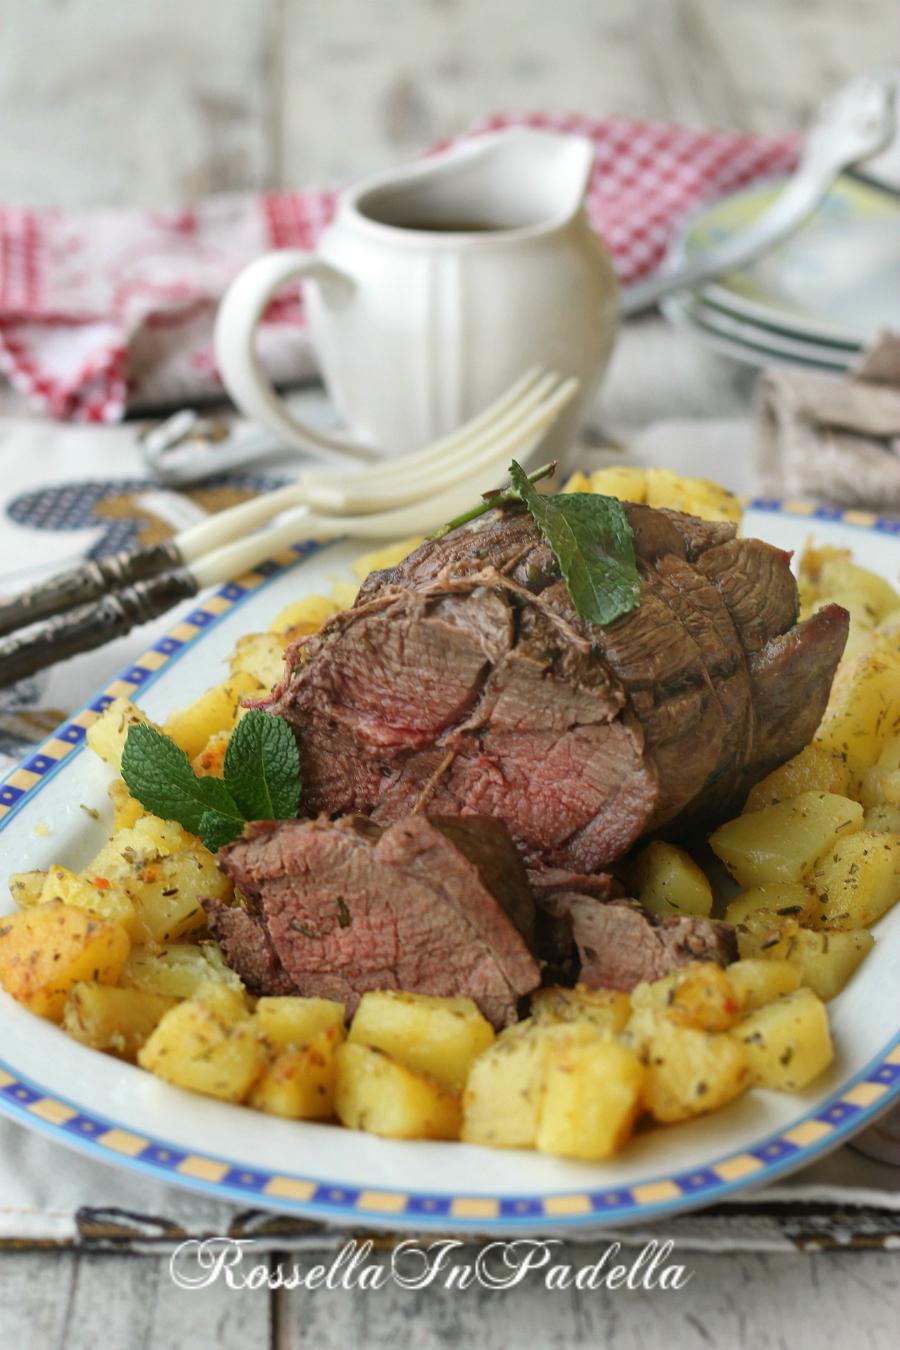 Arrosto di manzo al forno, ricetta cucina tradizionale italiana